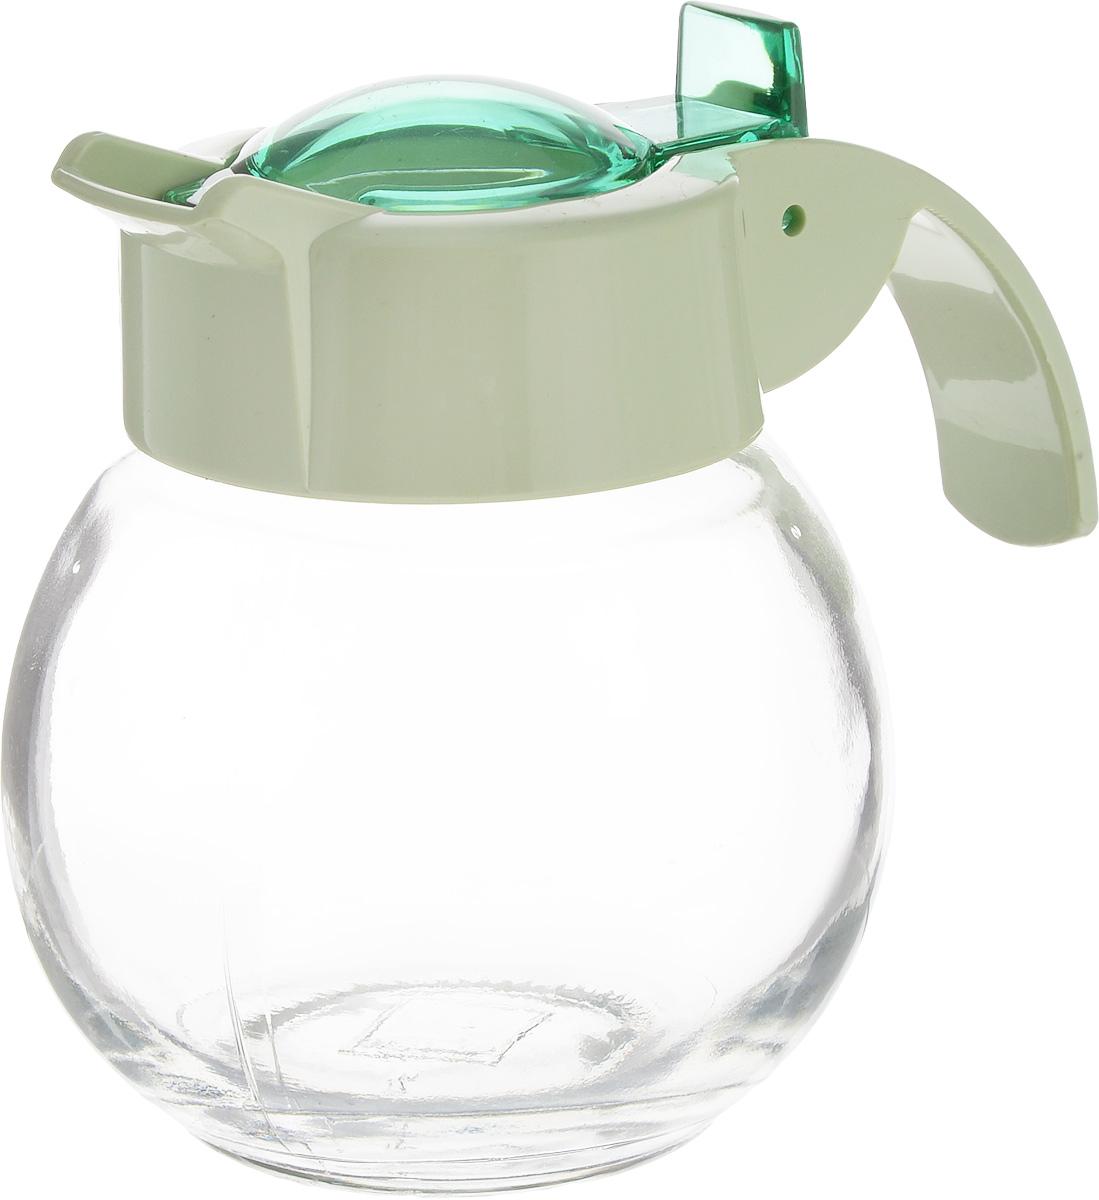 Емкость для жидкости Herevin, цвет: зеленый, прозрачный, 180 млL2430747Емкость для жидкости Herevin выполнена из качественного прочного стекла, снабжена пластиковой ручкой и откидной крышкой. Форма носика обеспечивает наливание жидкости без расплескивания. Емкость легка в использовании, стоит только перевернуть ее, и вы с легкостью сможете добавить оливковое или подсолнечное масло, уксус или соус. Крышка легко откручивается, что позволяет без труда наполнить емкость. Диаметр (по верхнему краю): 5 см.Высота емкости: 9 см.